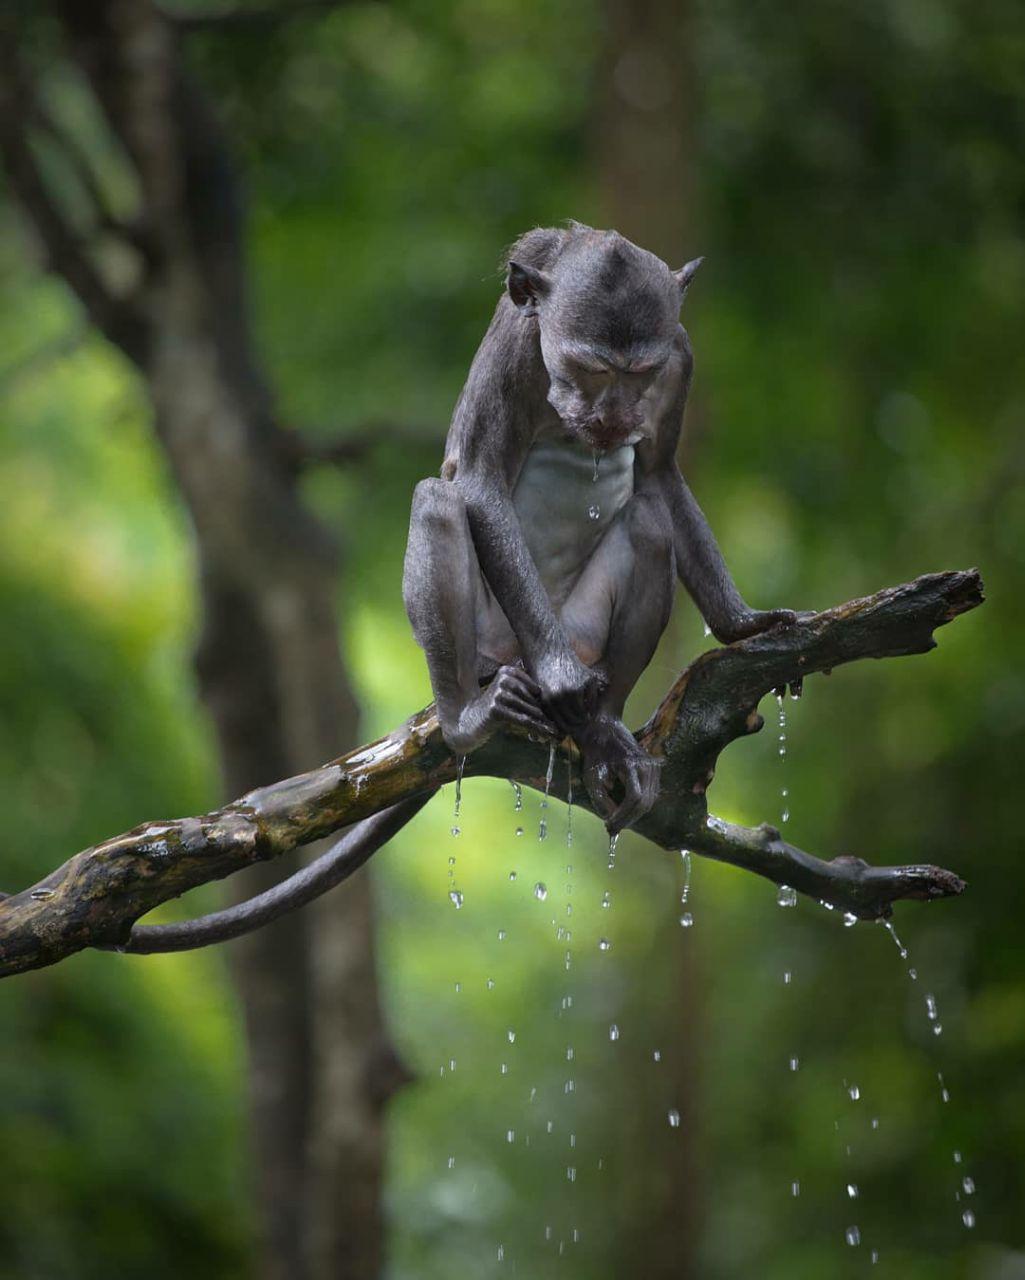 میمونی در زیر باران + عکس